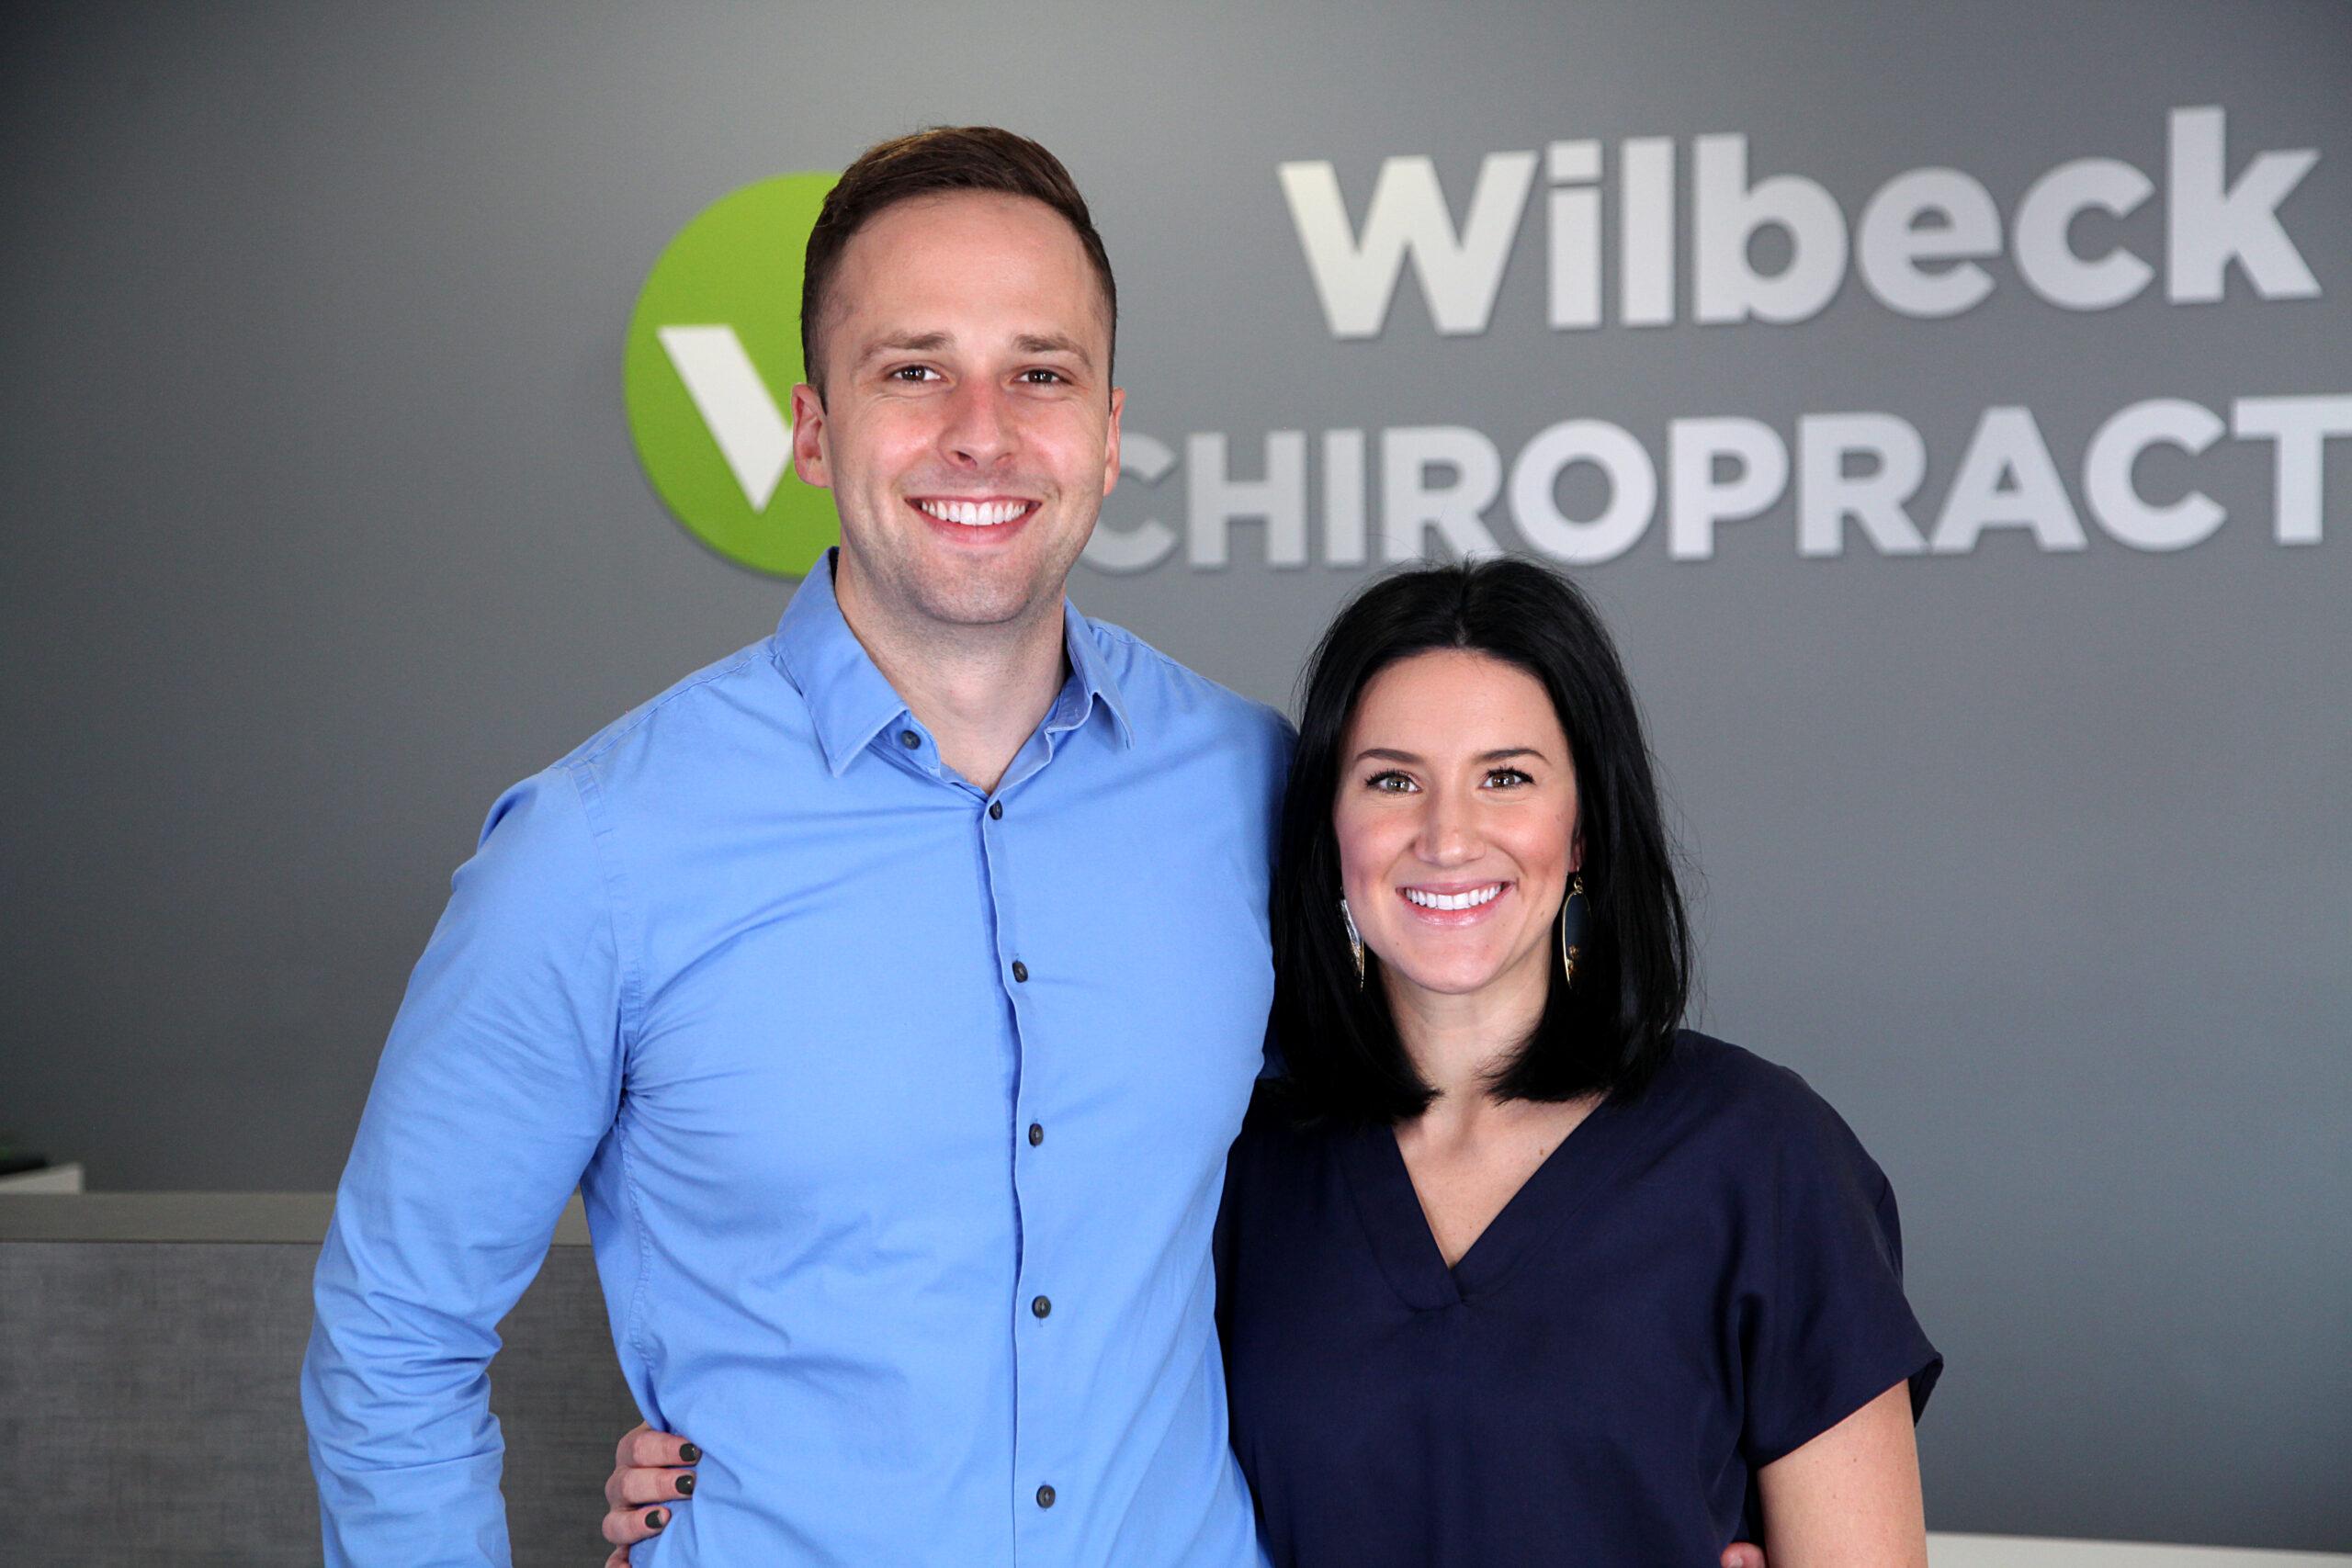 Dr. Taylor & Kelsey Wilbeck